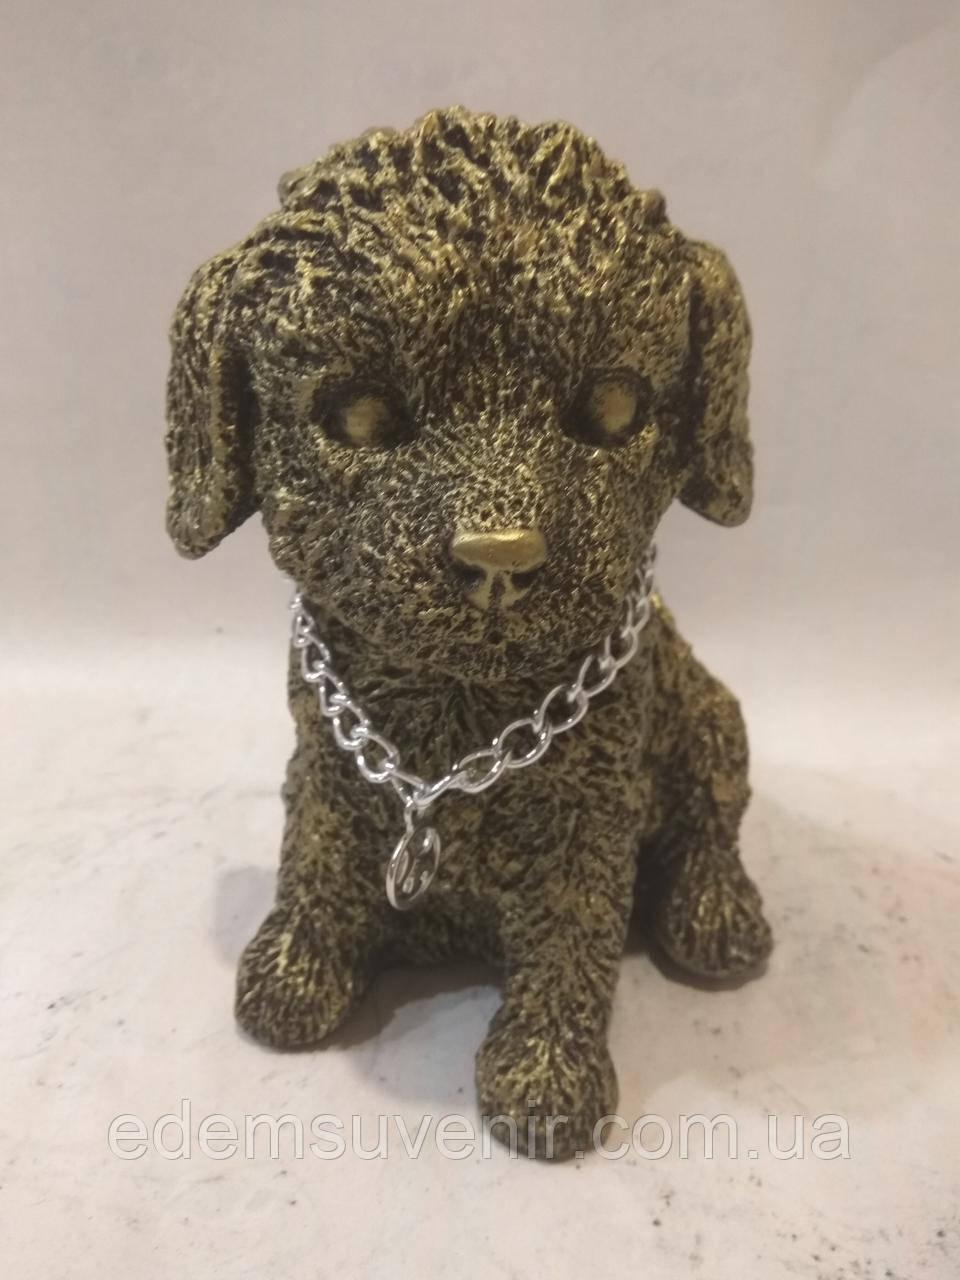 Статуэтка (копилка) щеночек золото